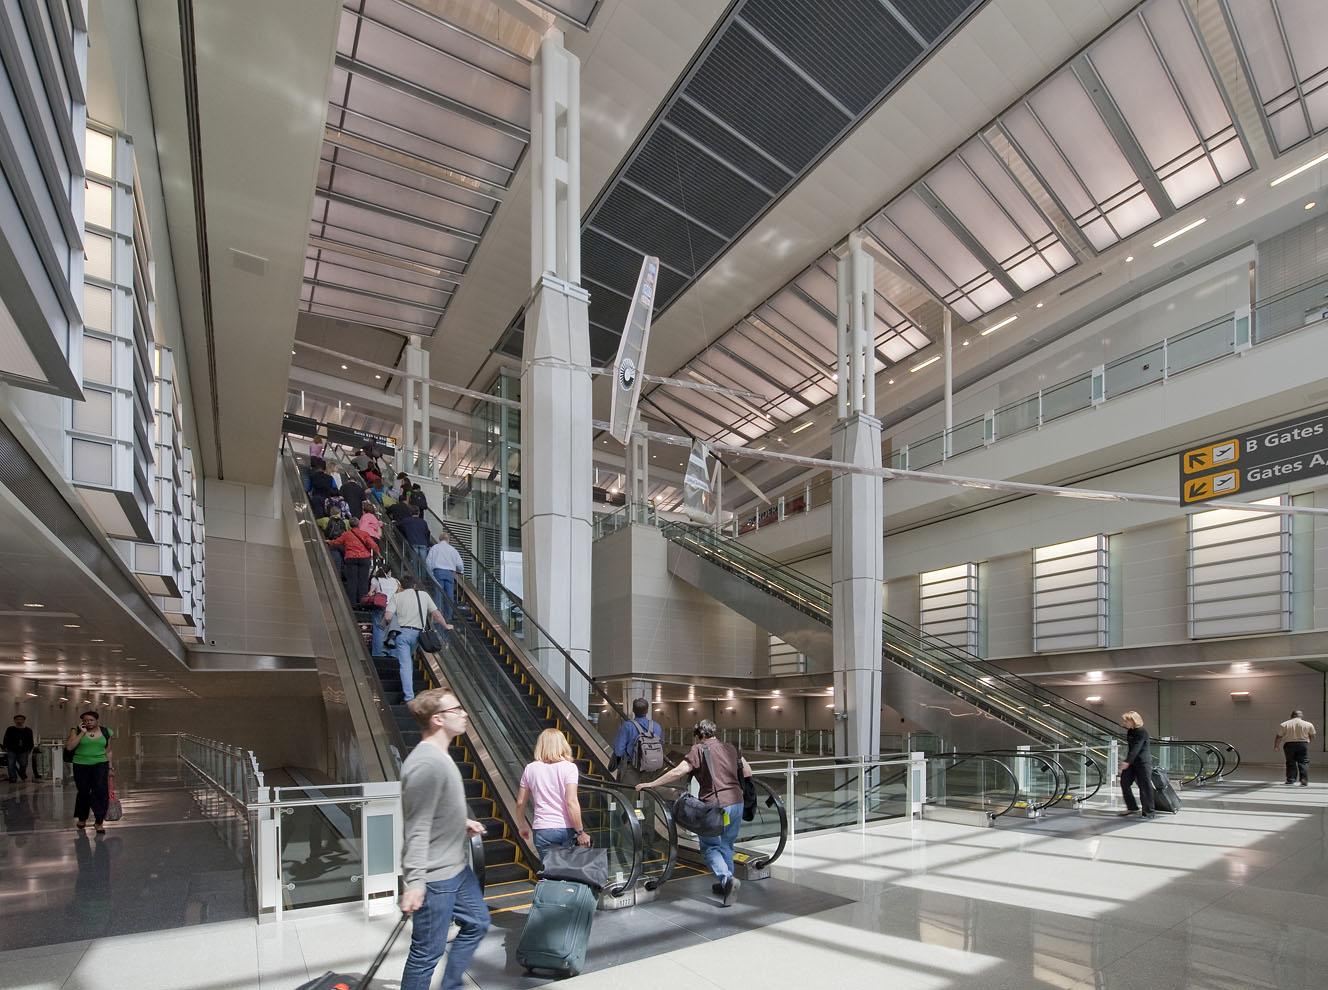 Architects: HOKGC: Balfour Beatty